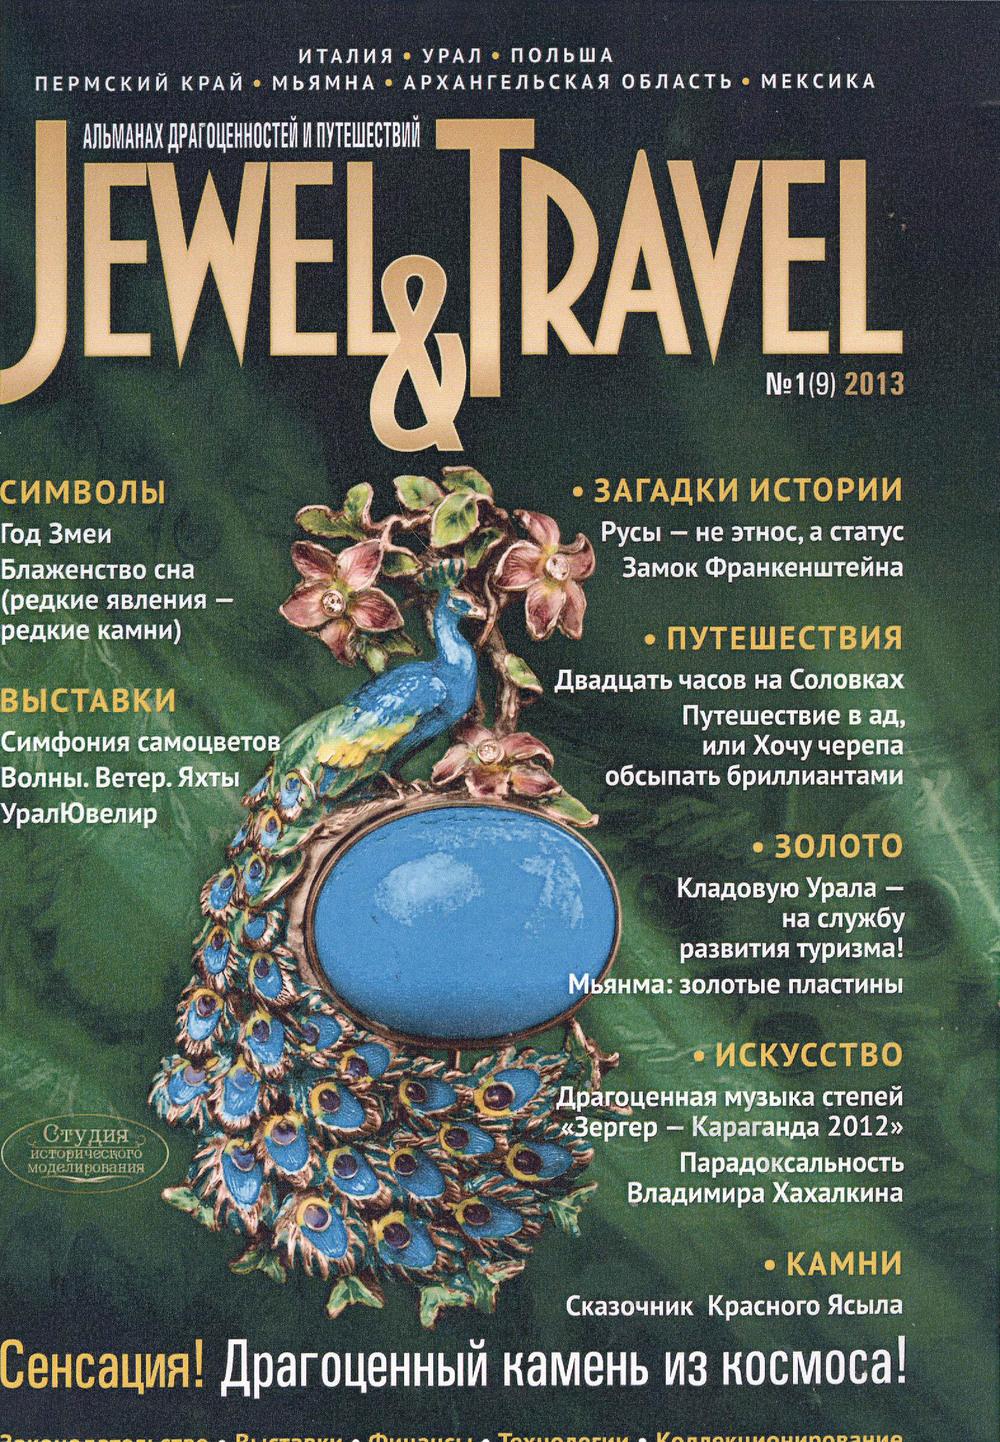 Ювелирный журнал JEWEL & TRAVEL № 1(9), Весна 2013 г.